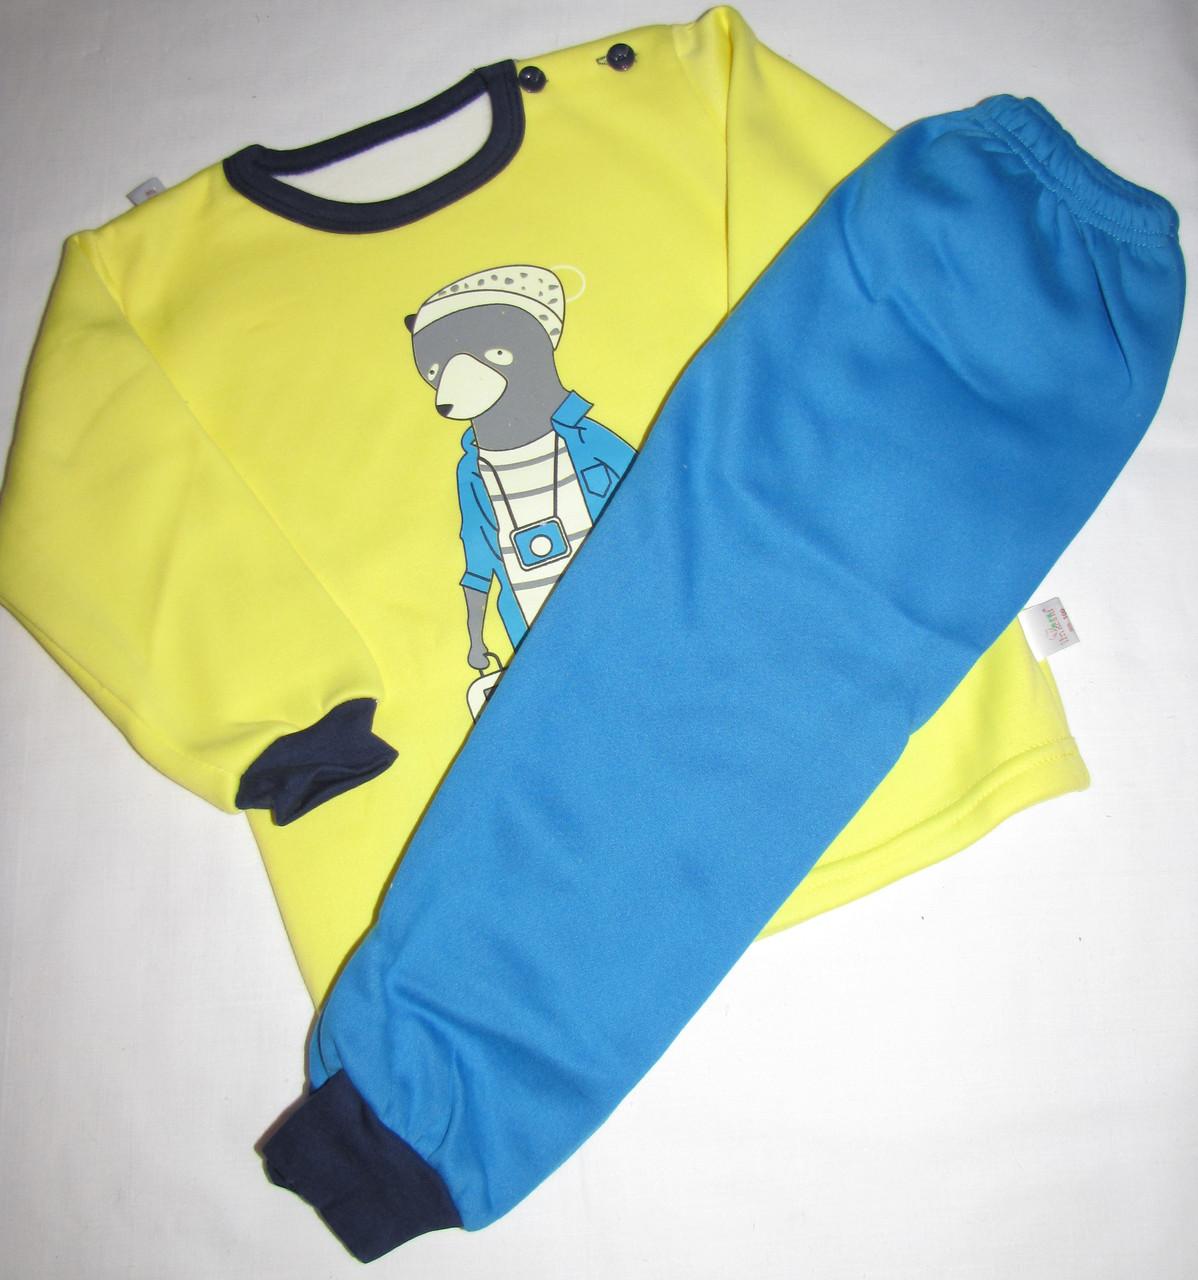 Пижама теплая  футболка с длинными рукавами и штаны Linkcard Медведь рост 100 см желтая+синяя 06161